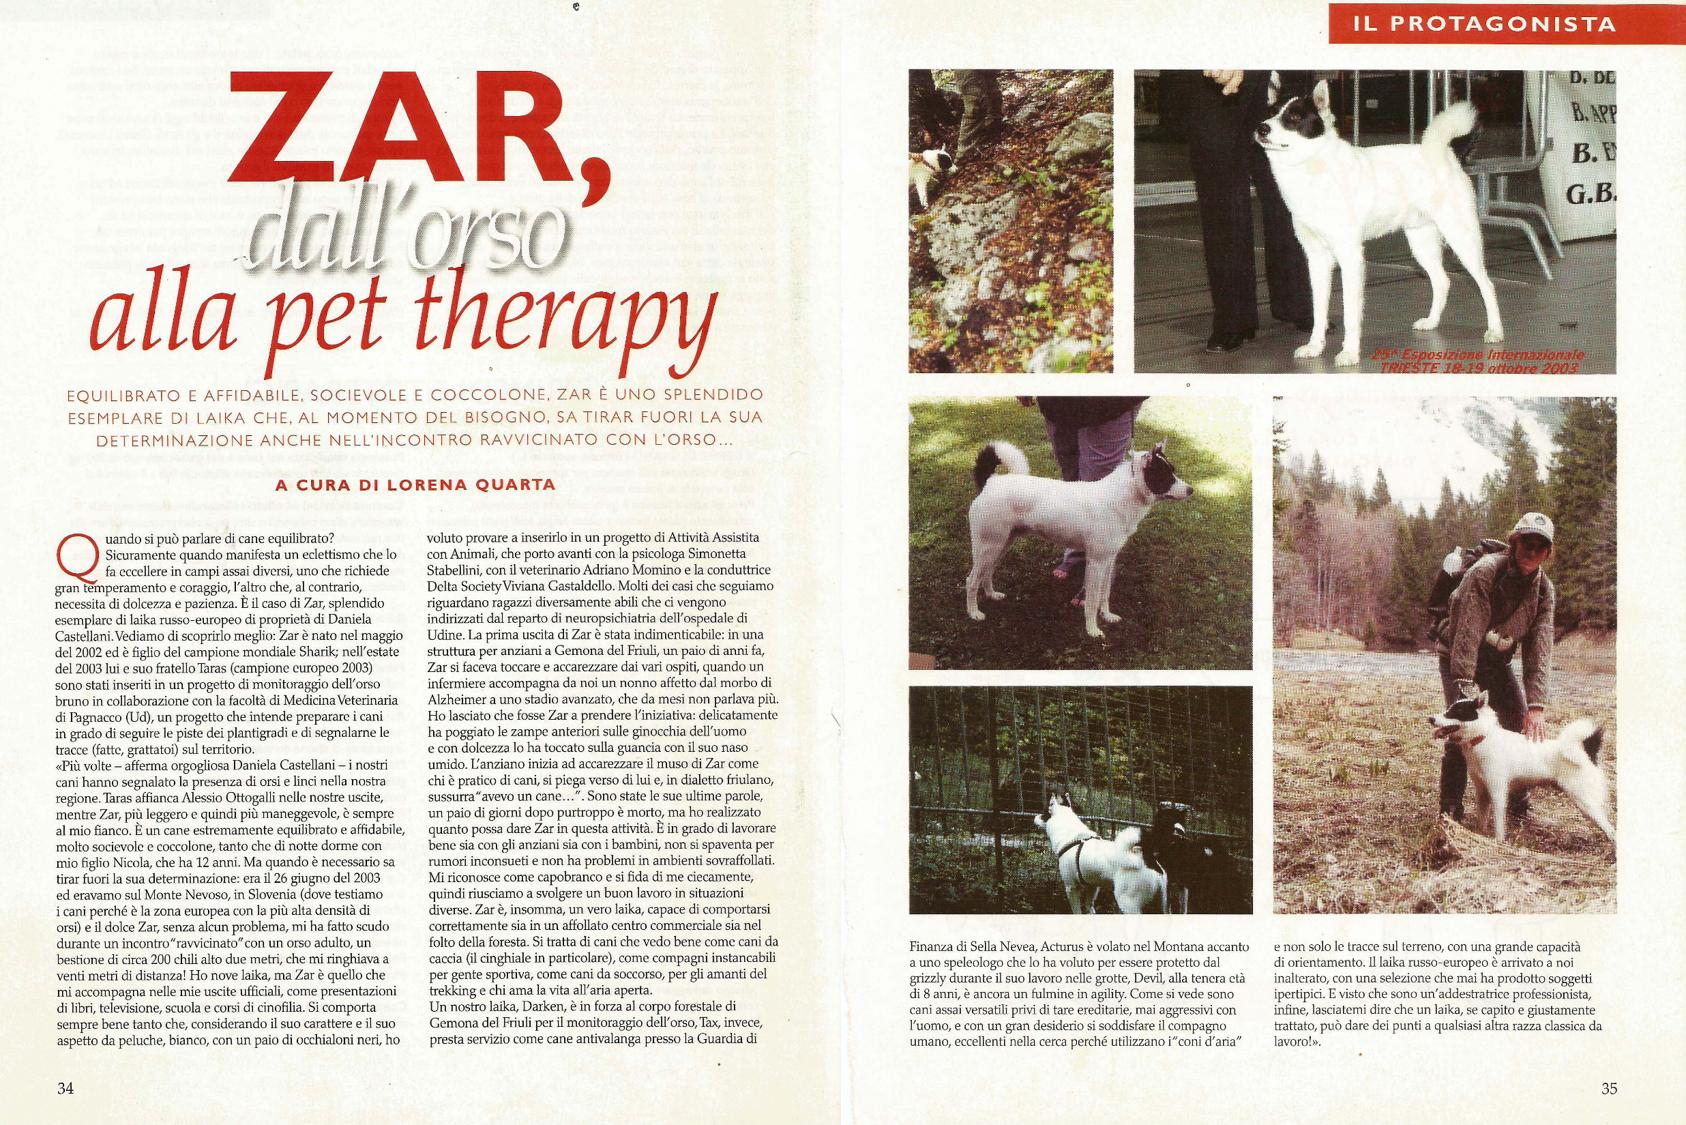 Zar dall'orso alla pet therapy